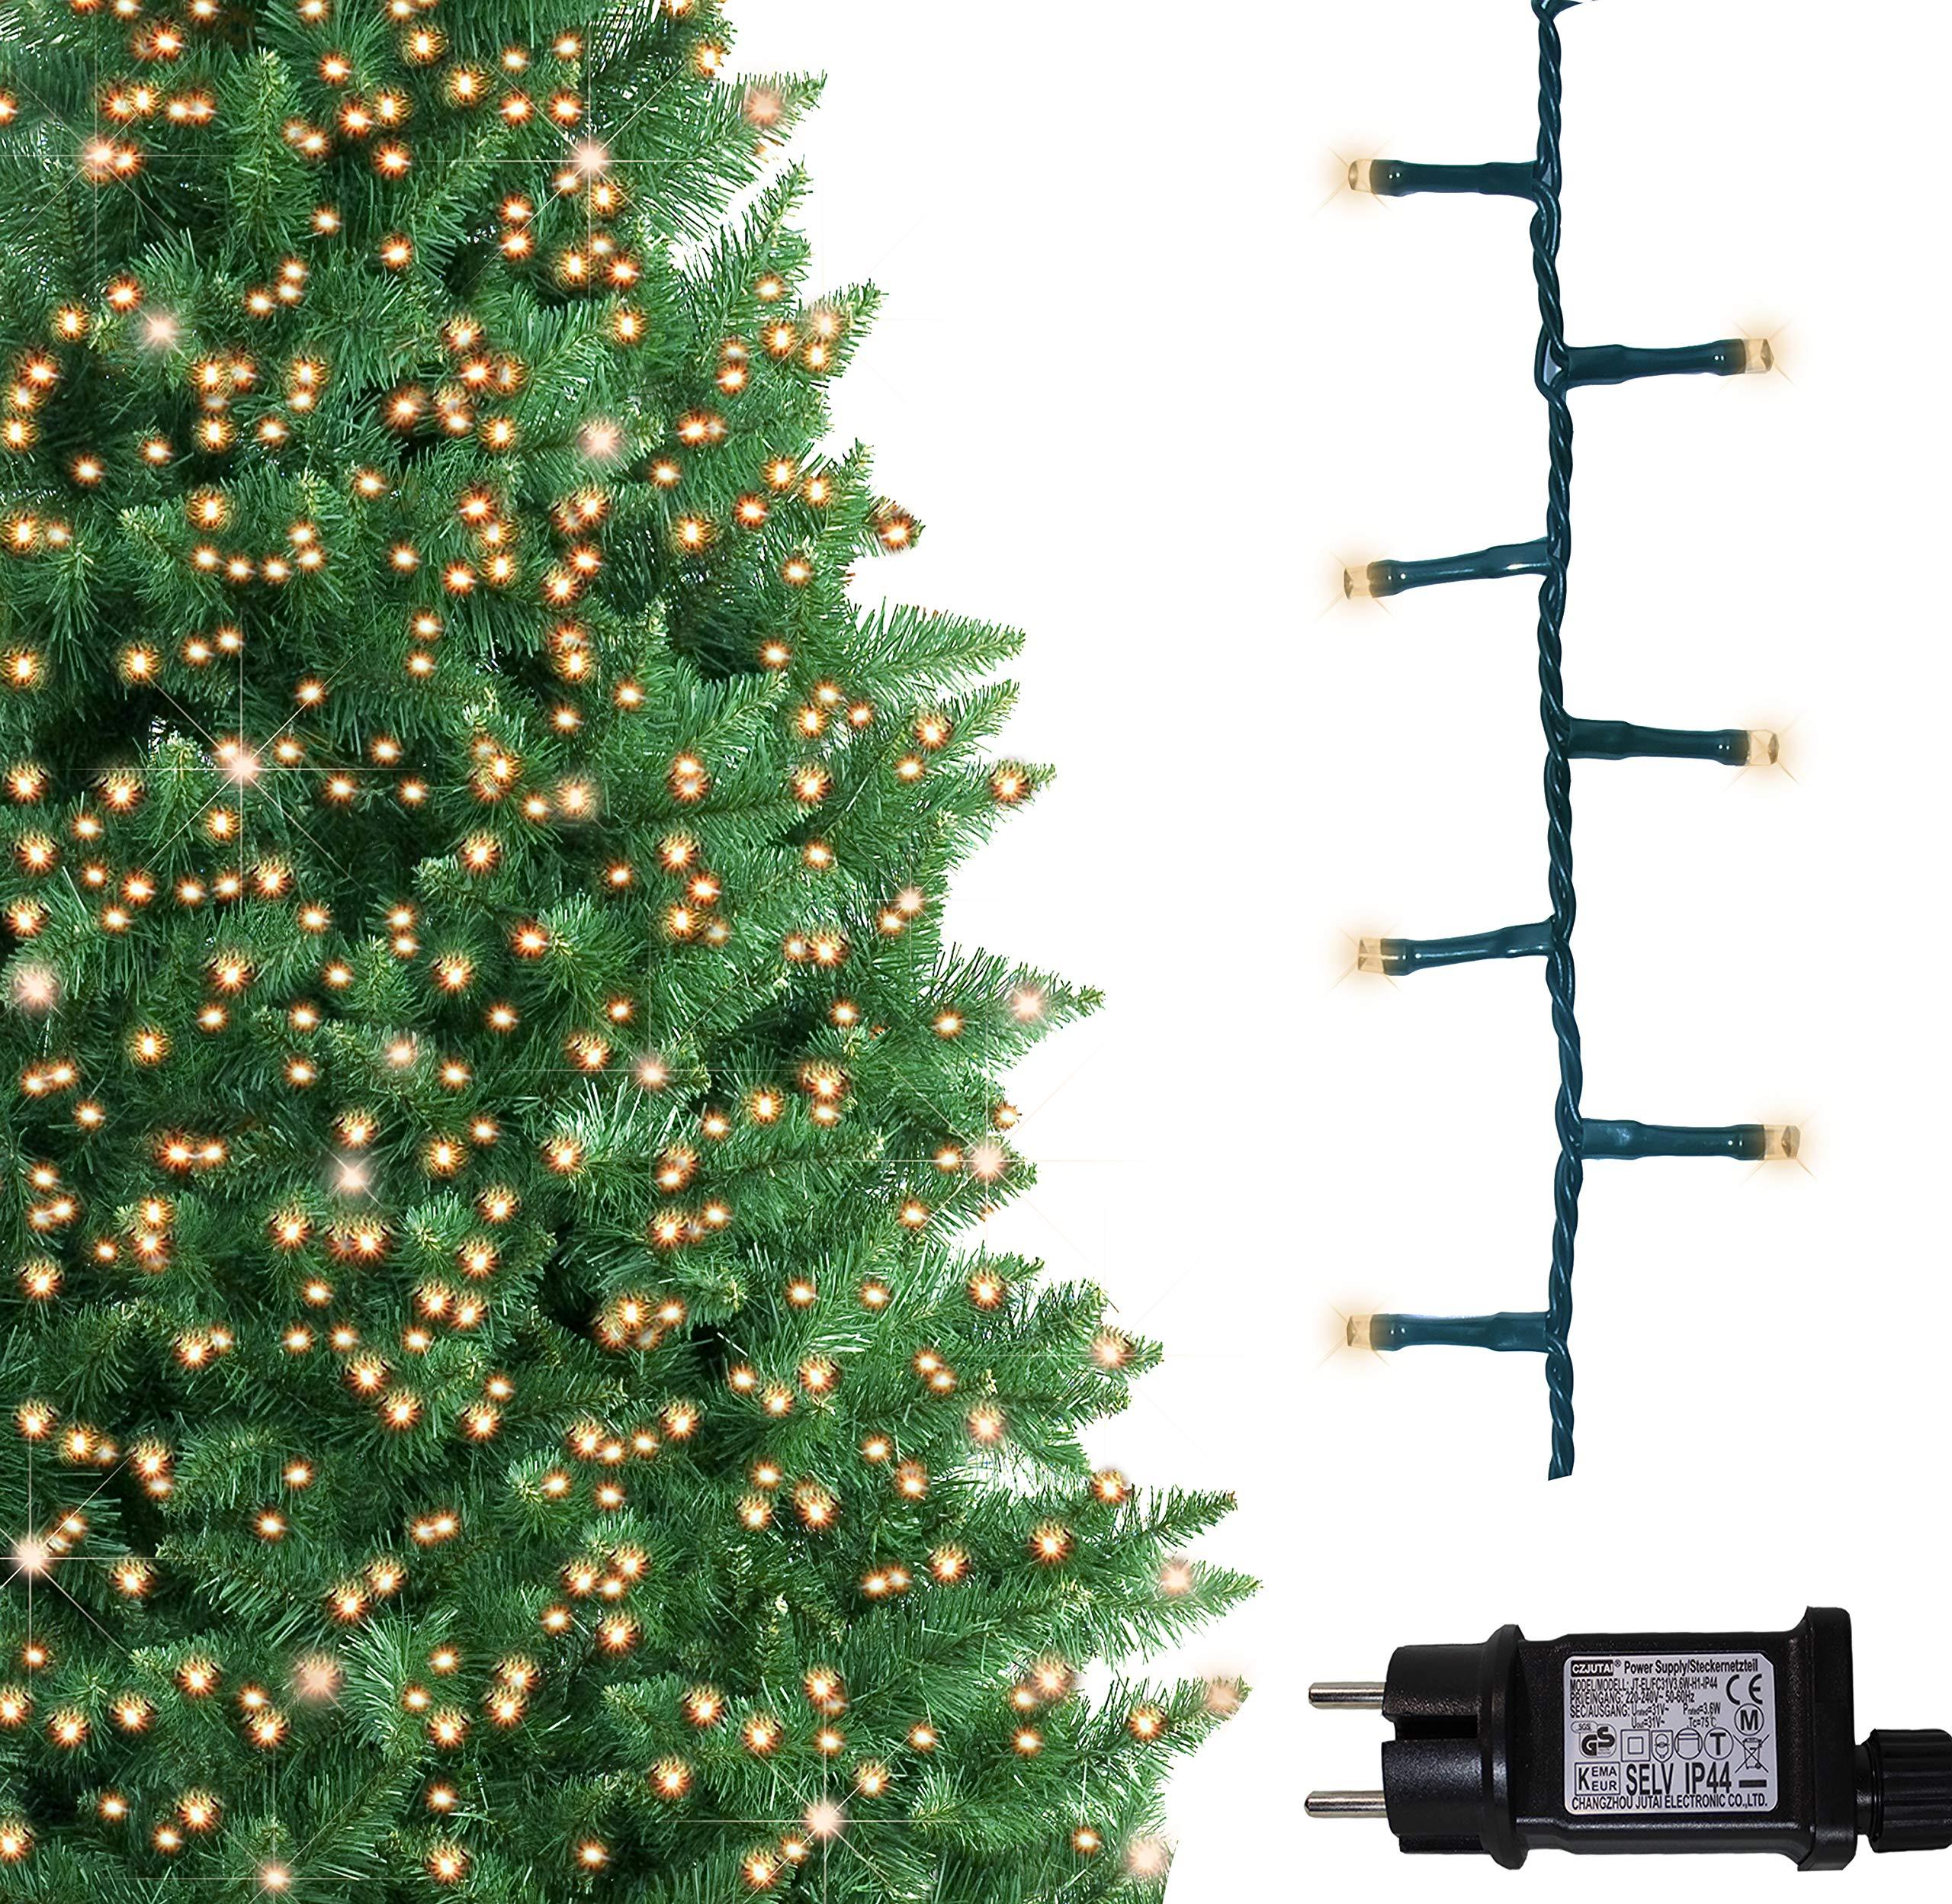 3d462d12956e6 500 luces LED brillantes del árbol Luces blancas del árbol Luces de luces  navideñas para uso en interiores y exteriores